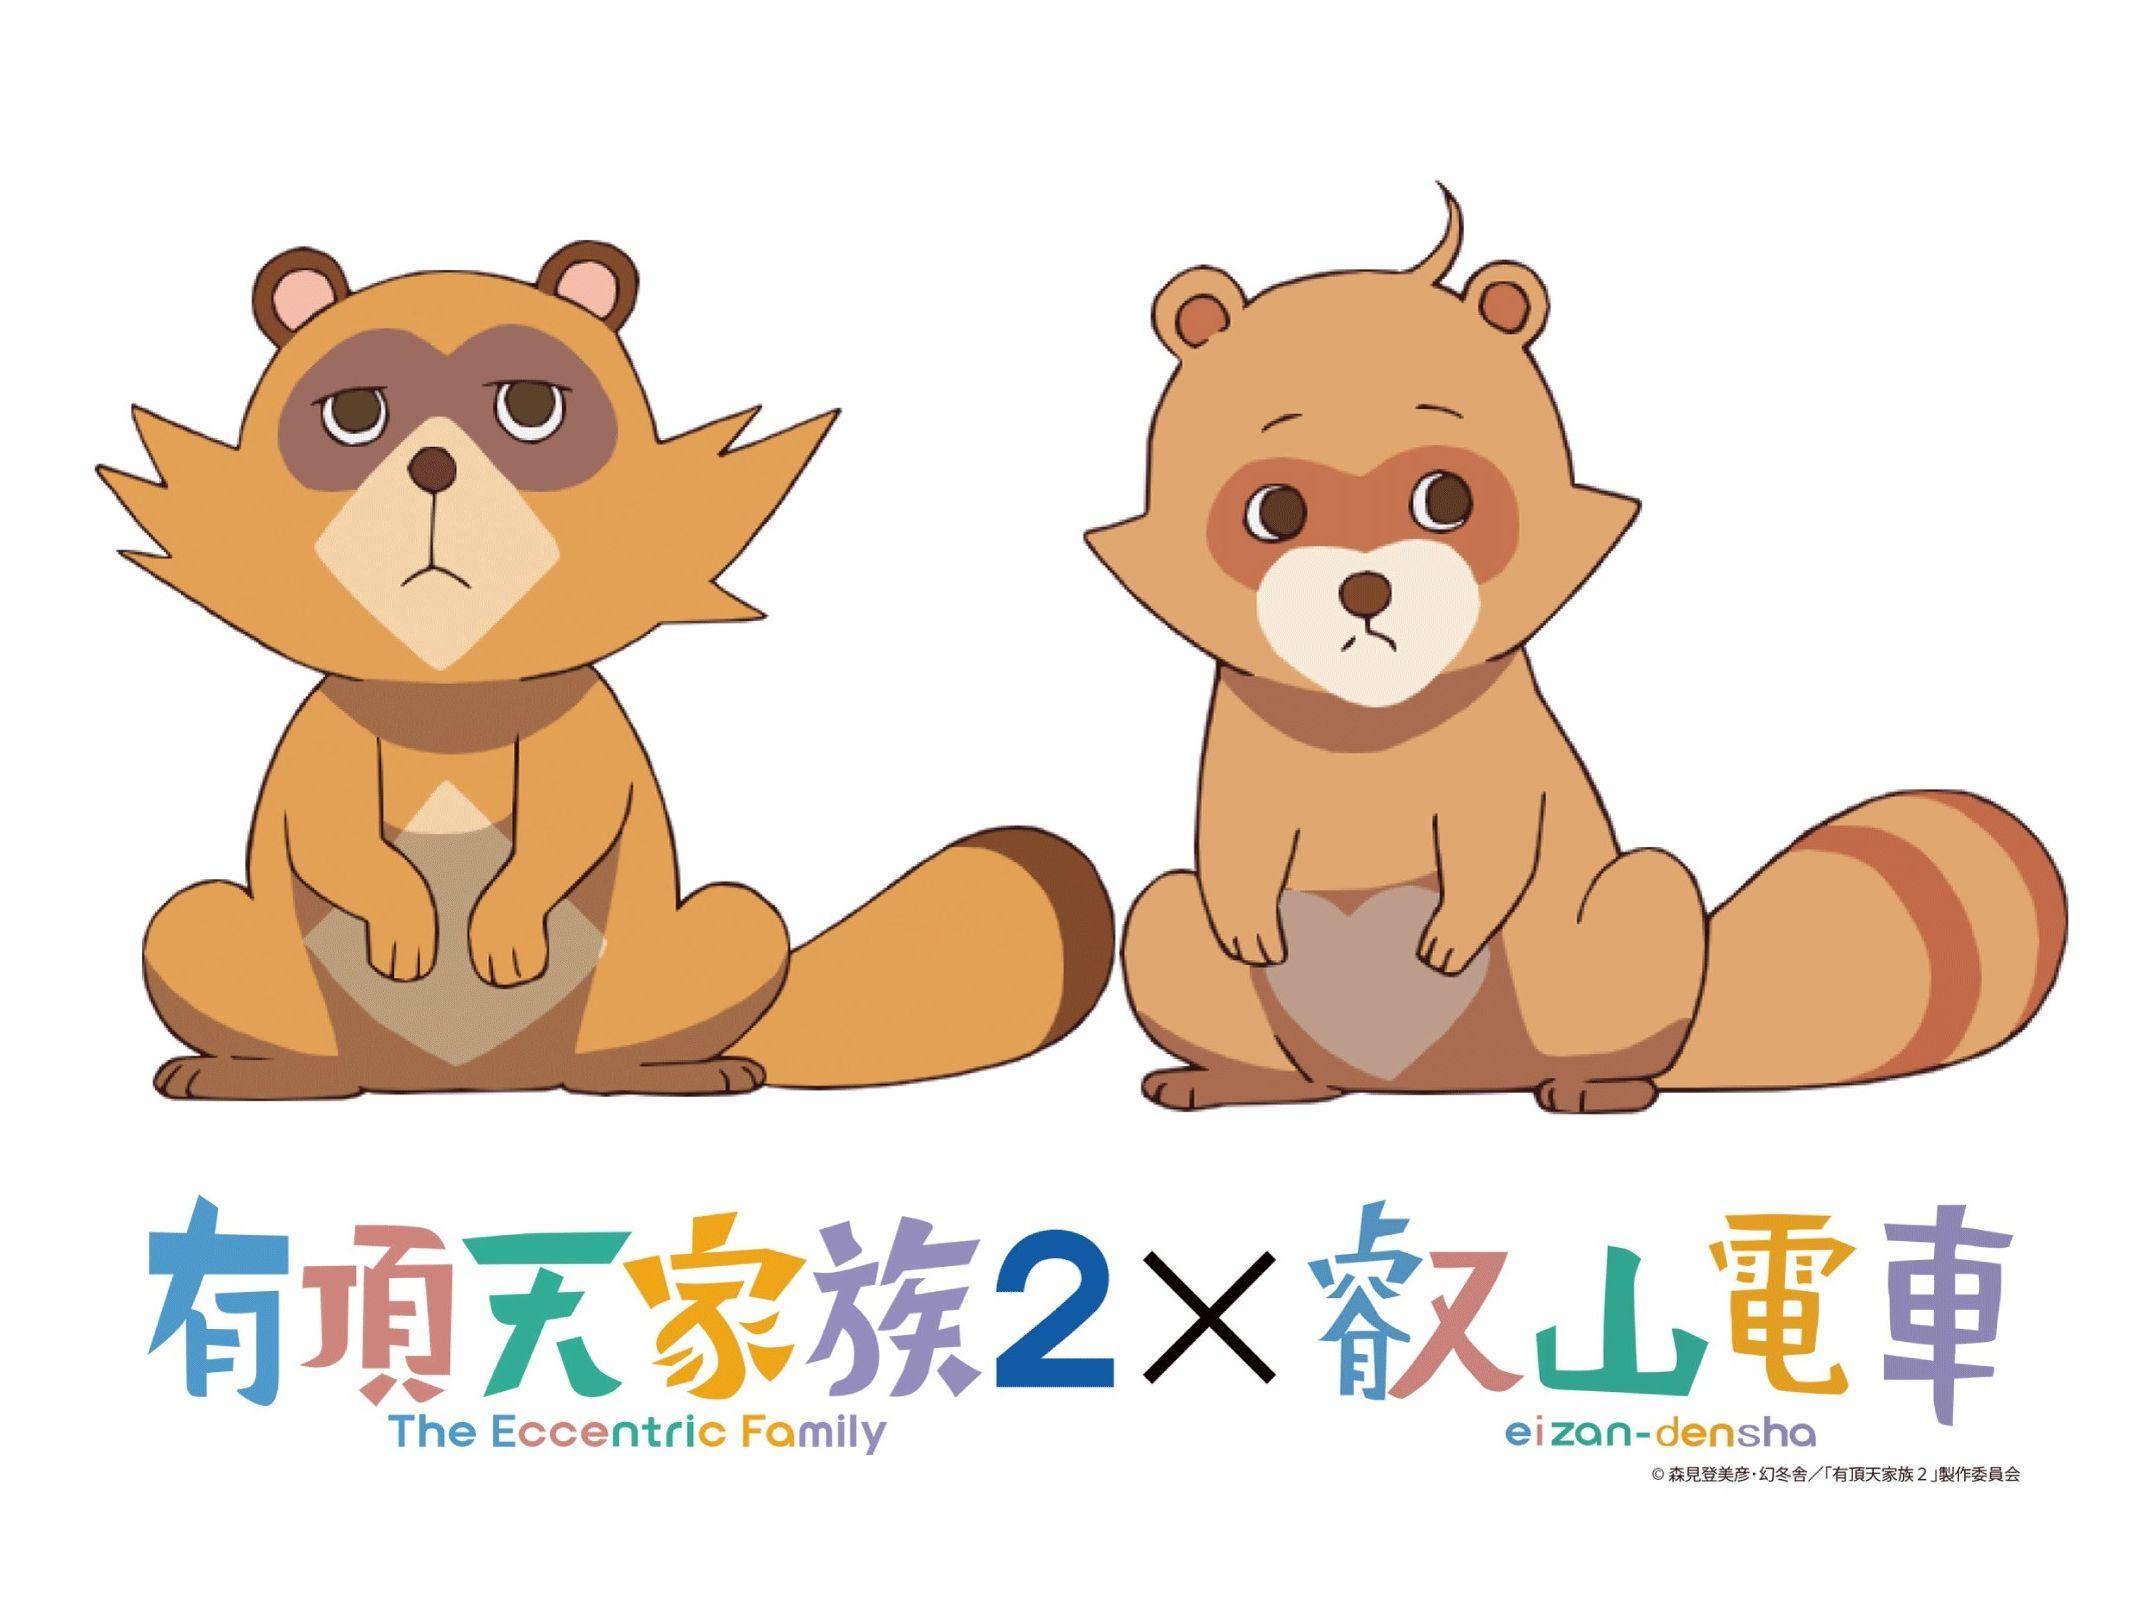 「有頂天家族2×叡山電車」コラボ企画【終了しました】